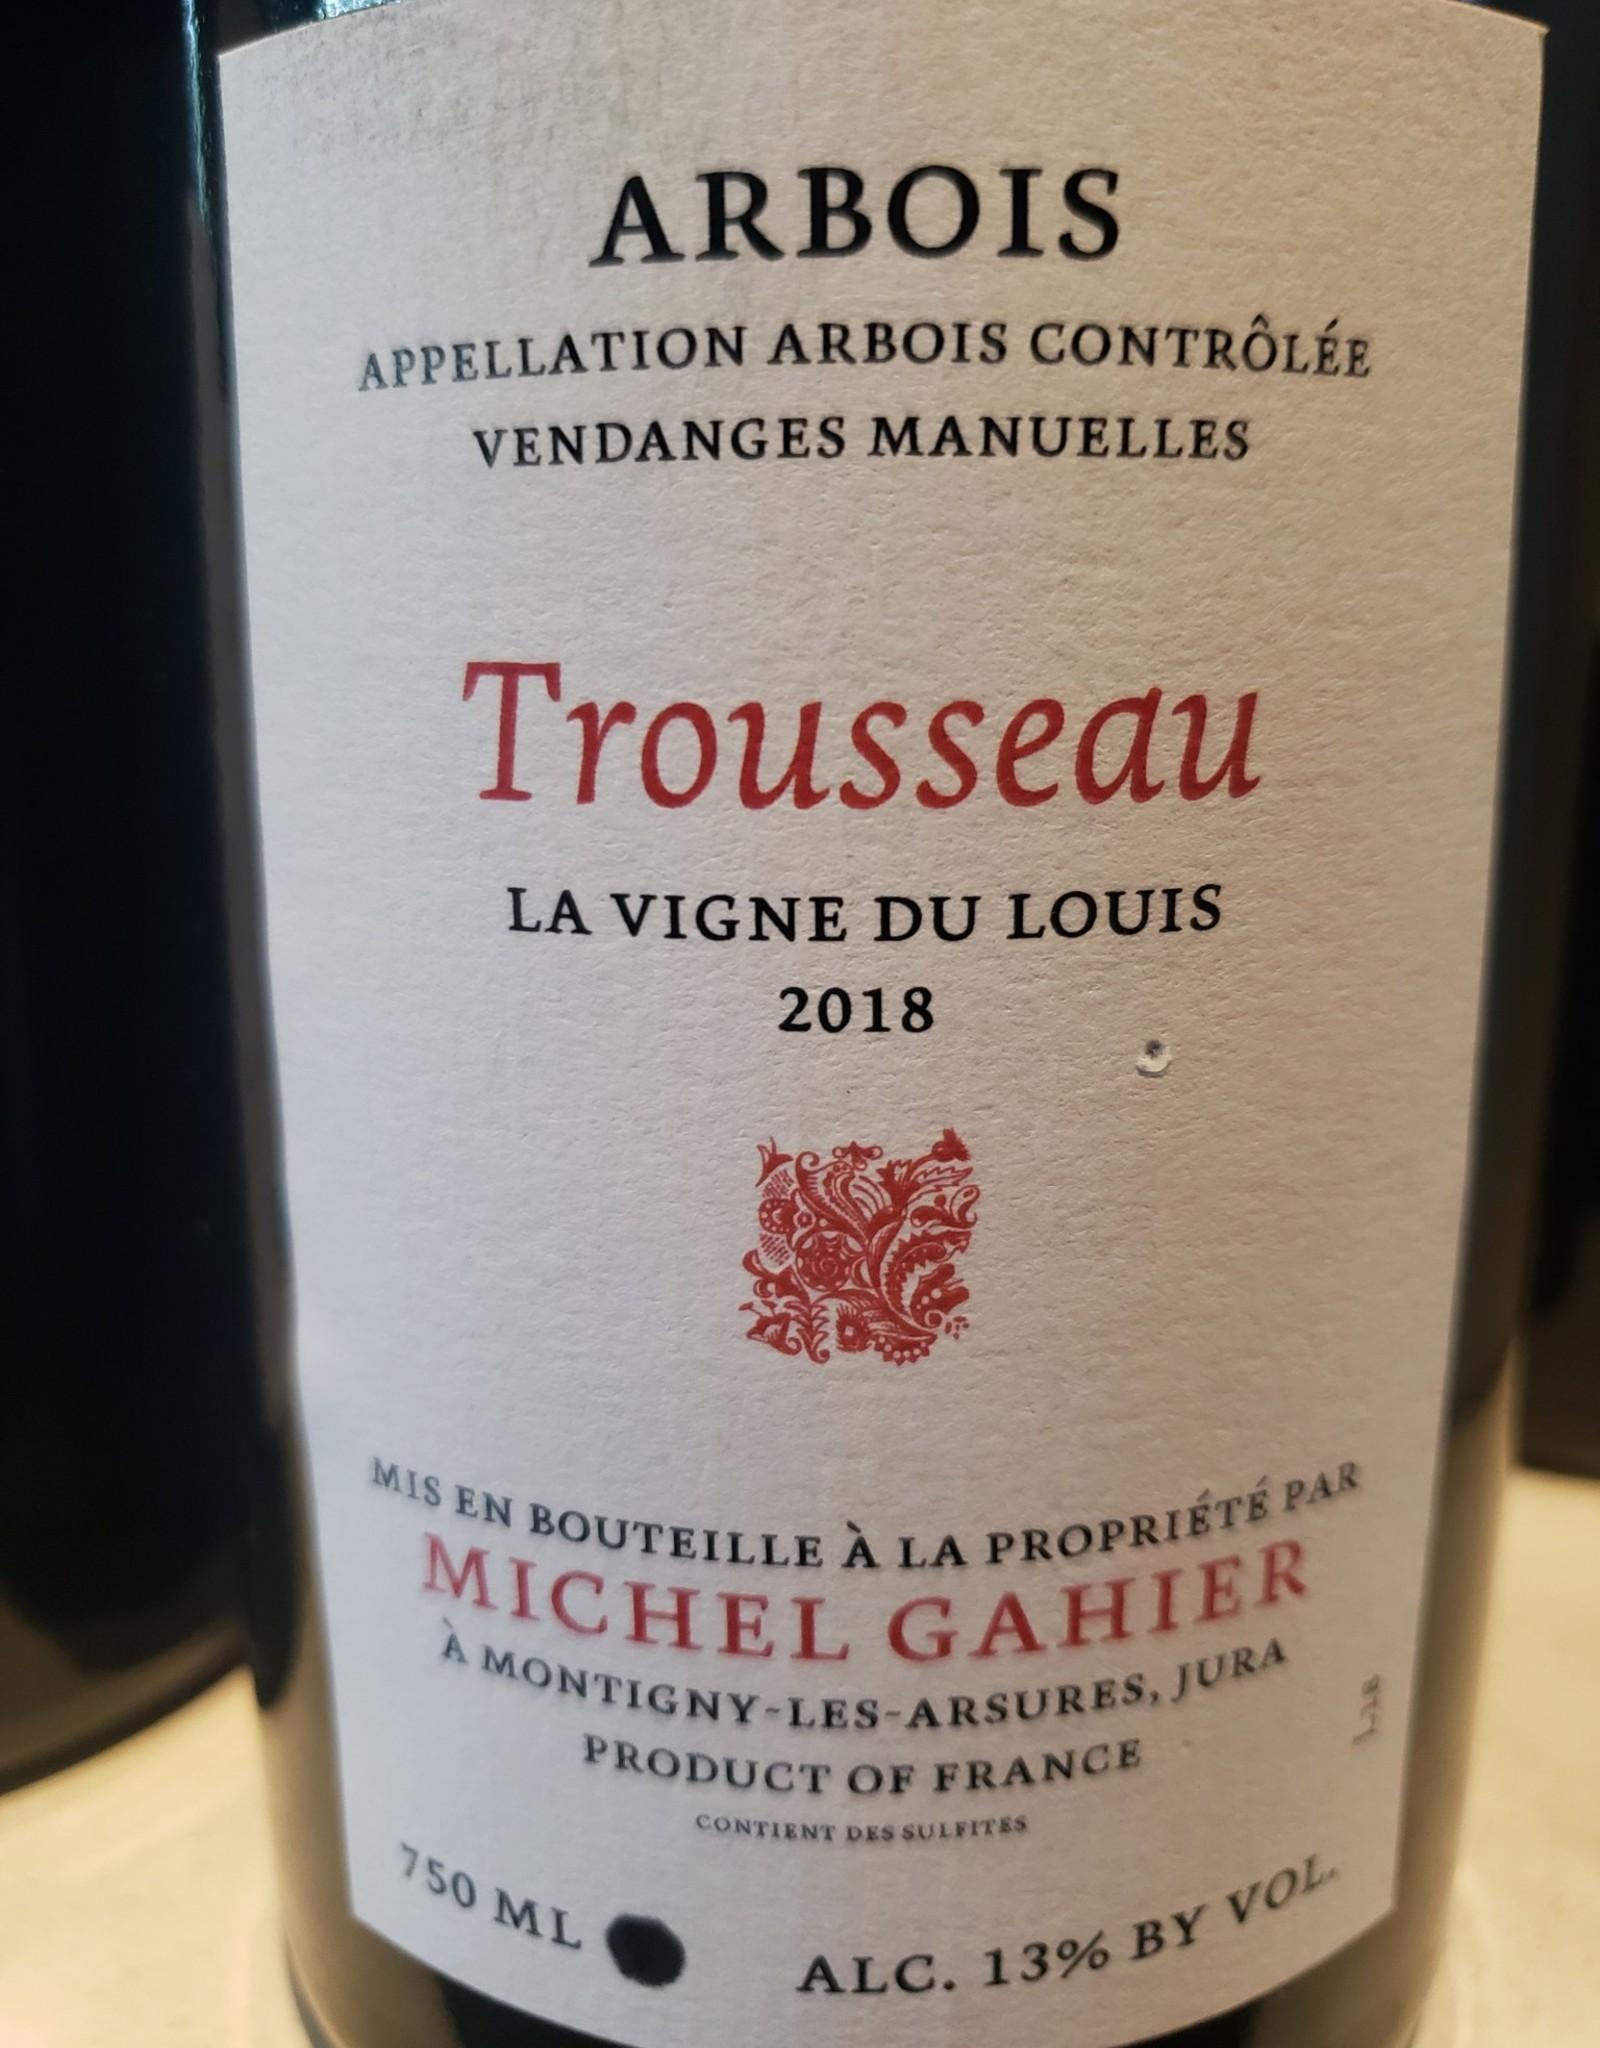 """Trousseau, Arbois, """"La Vigne du Louis,"""" Gahier 2018"""